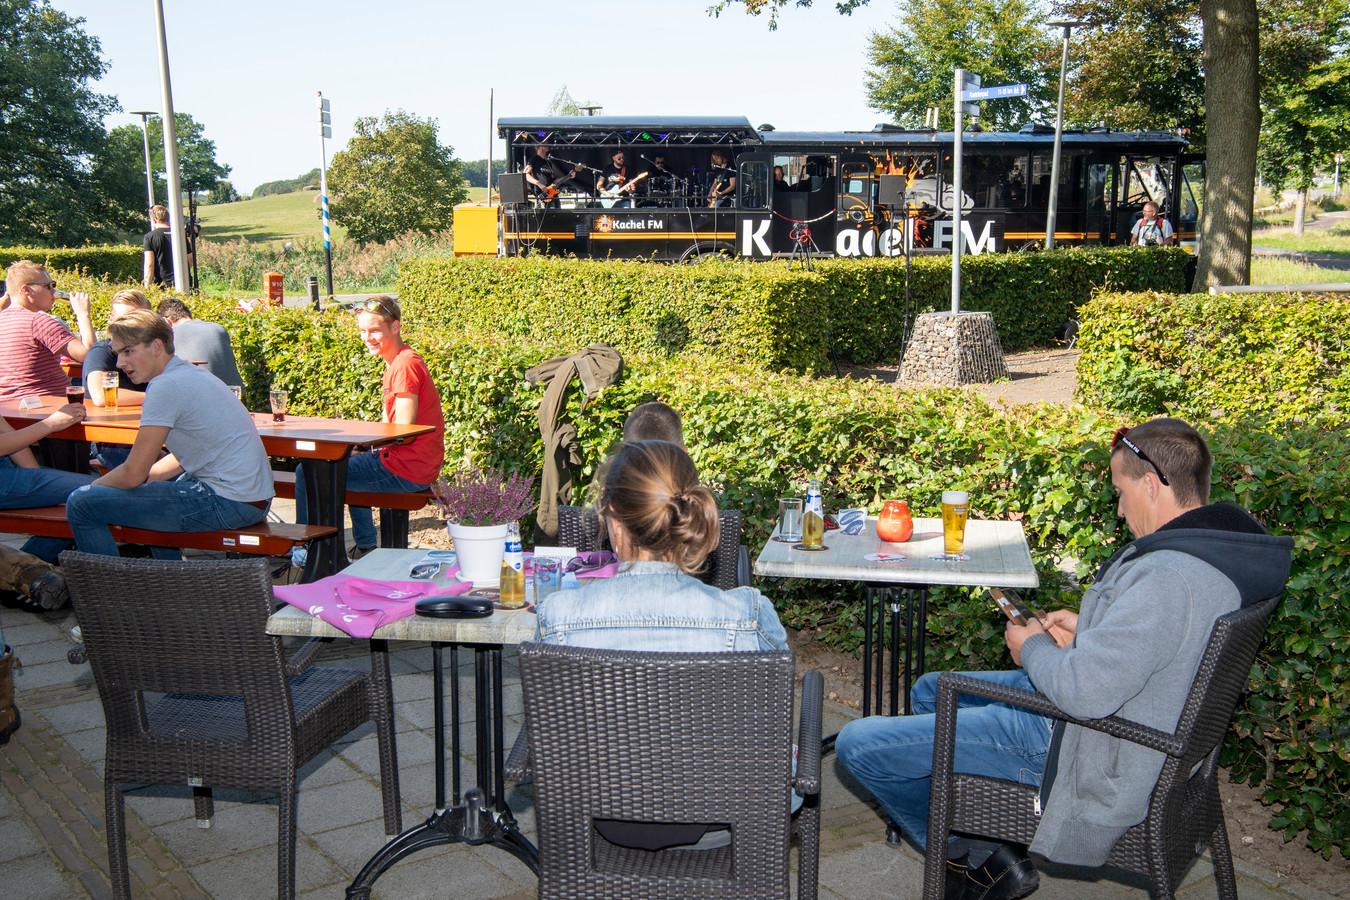 KachelFM toerde zaterdag door de gemeente Dalfsen met een eigen gepimpte bus.